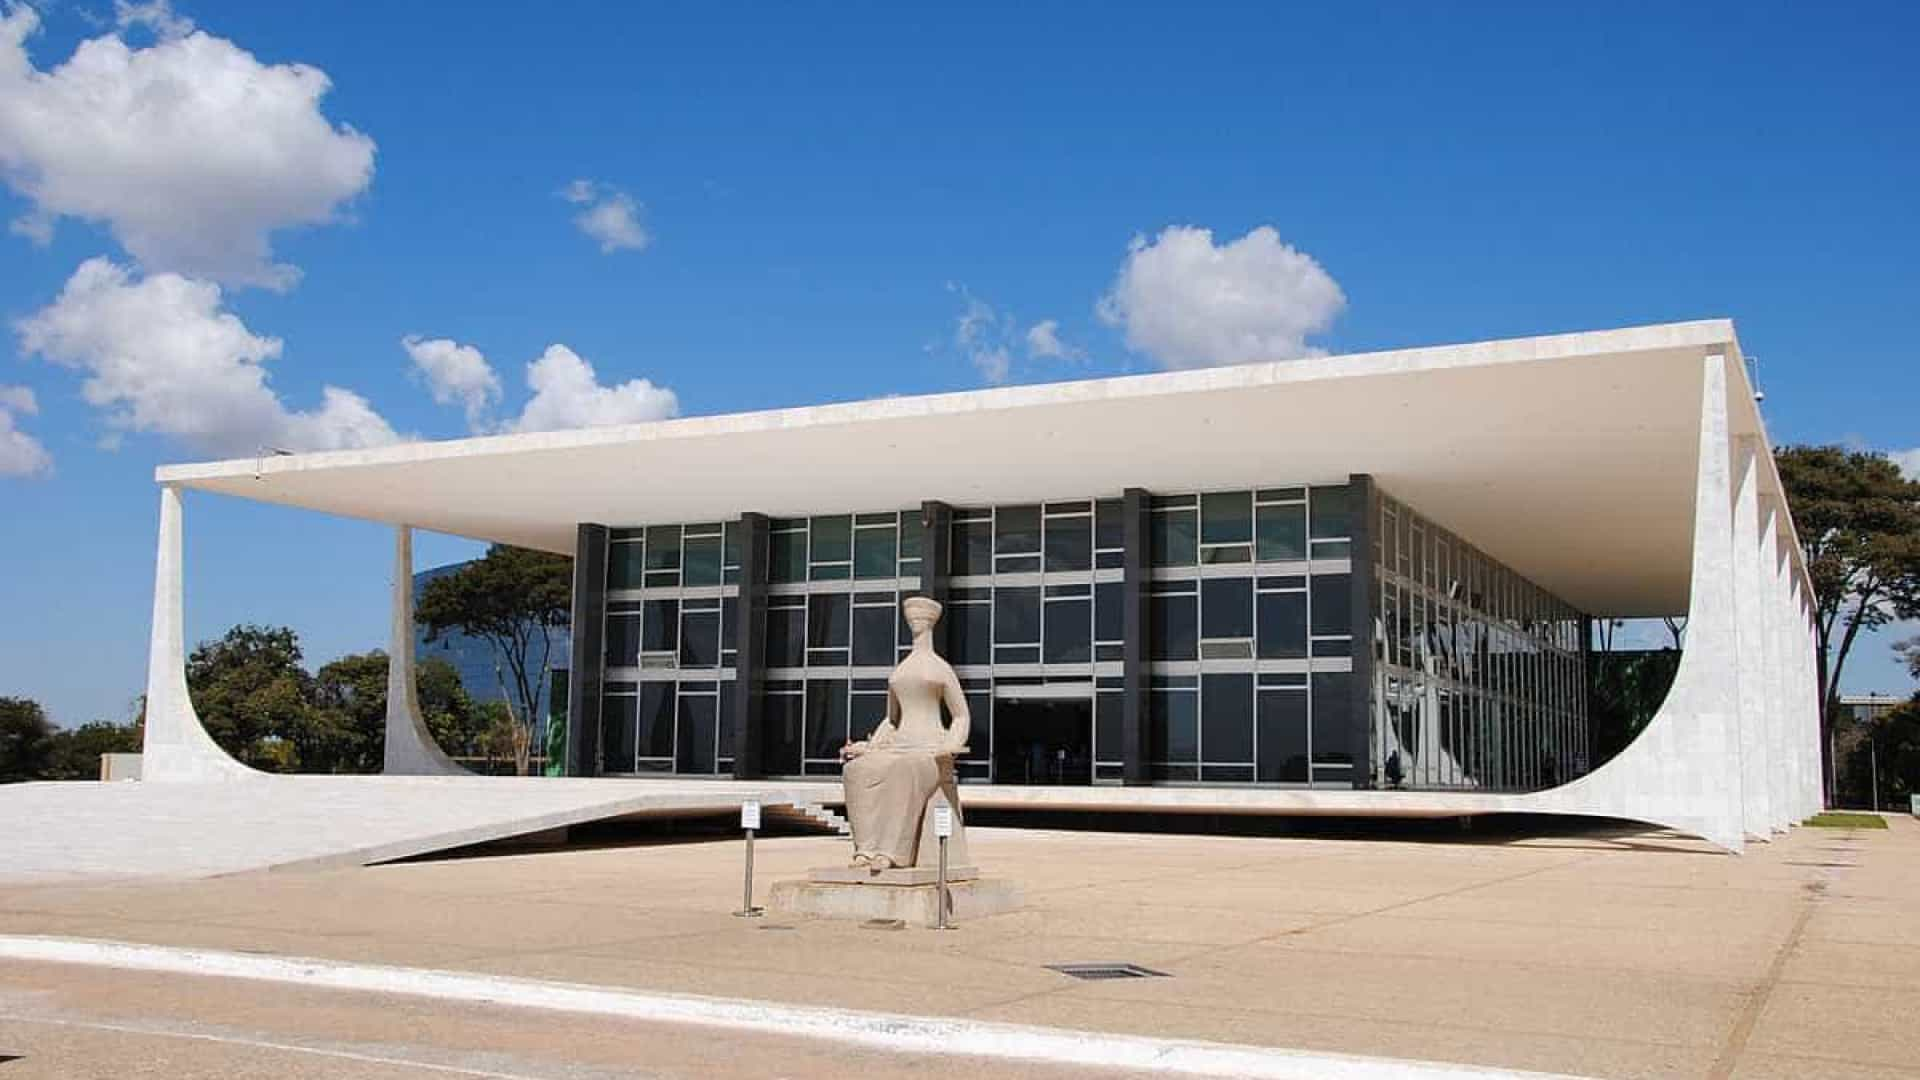 Ministros do STF passam a contar com 'área VIP' em aeroporto